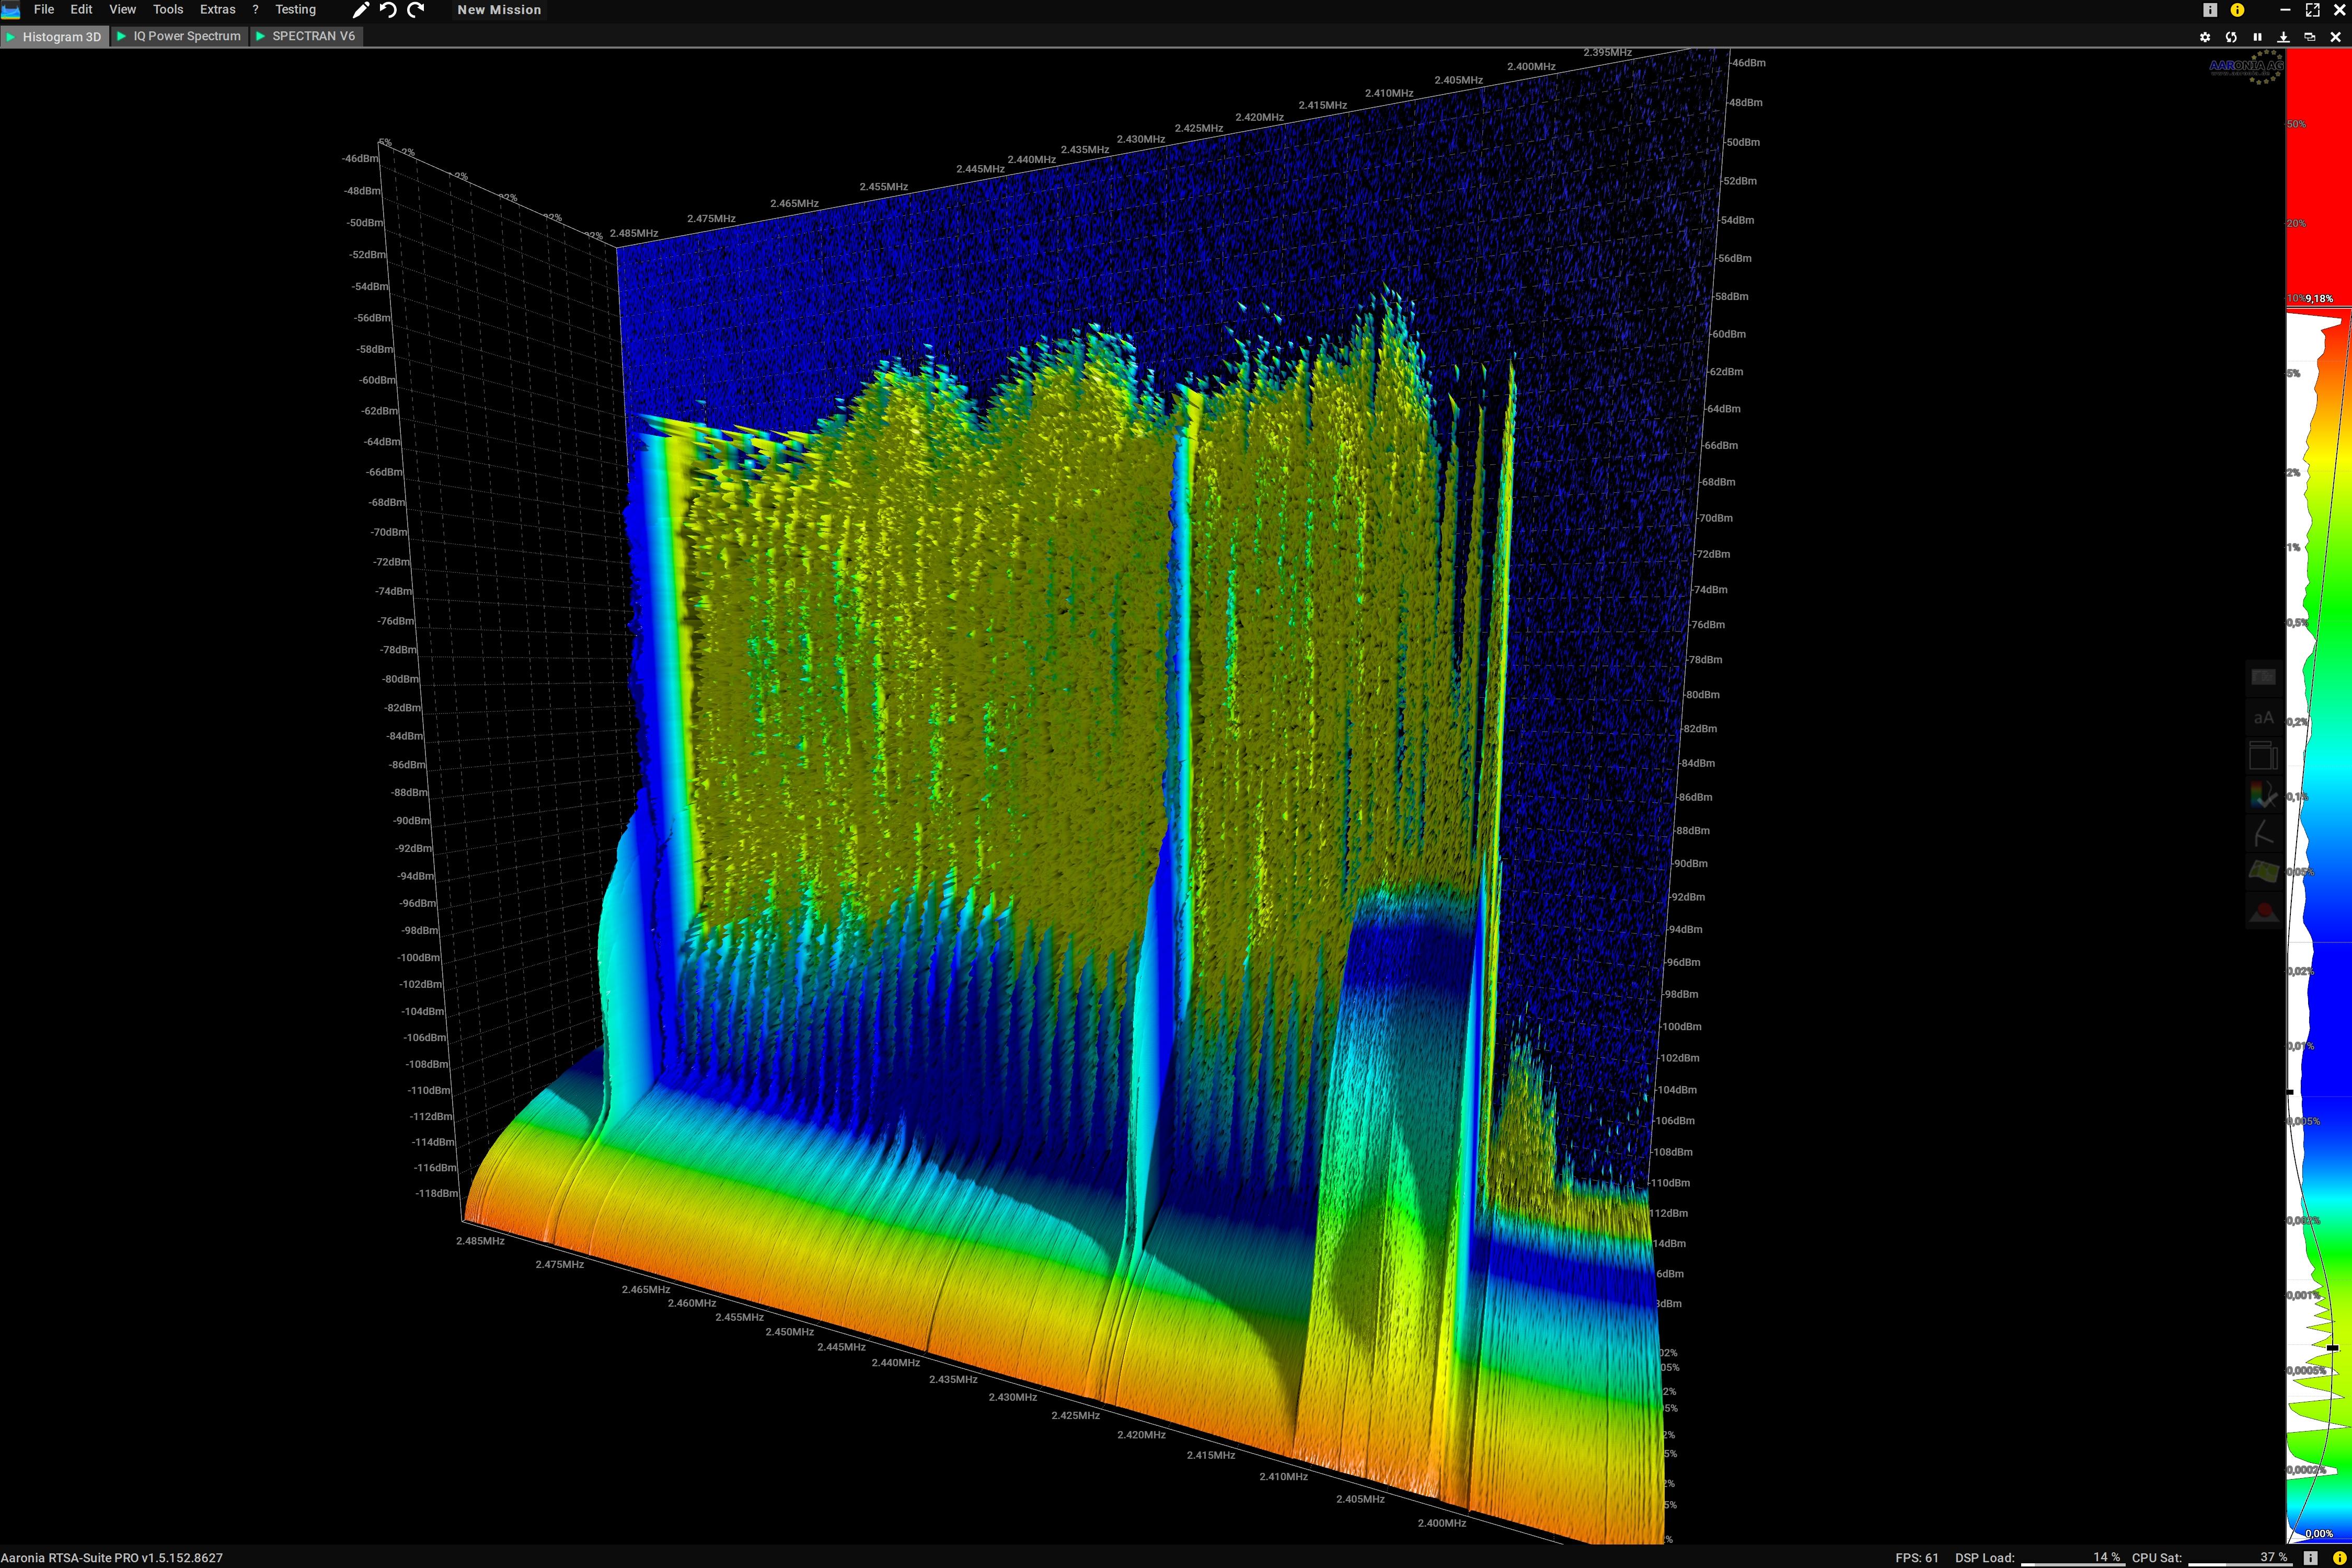 Unique 3D RF Histogram View